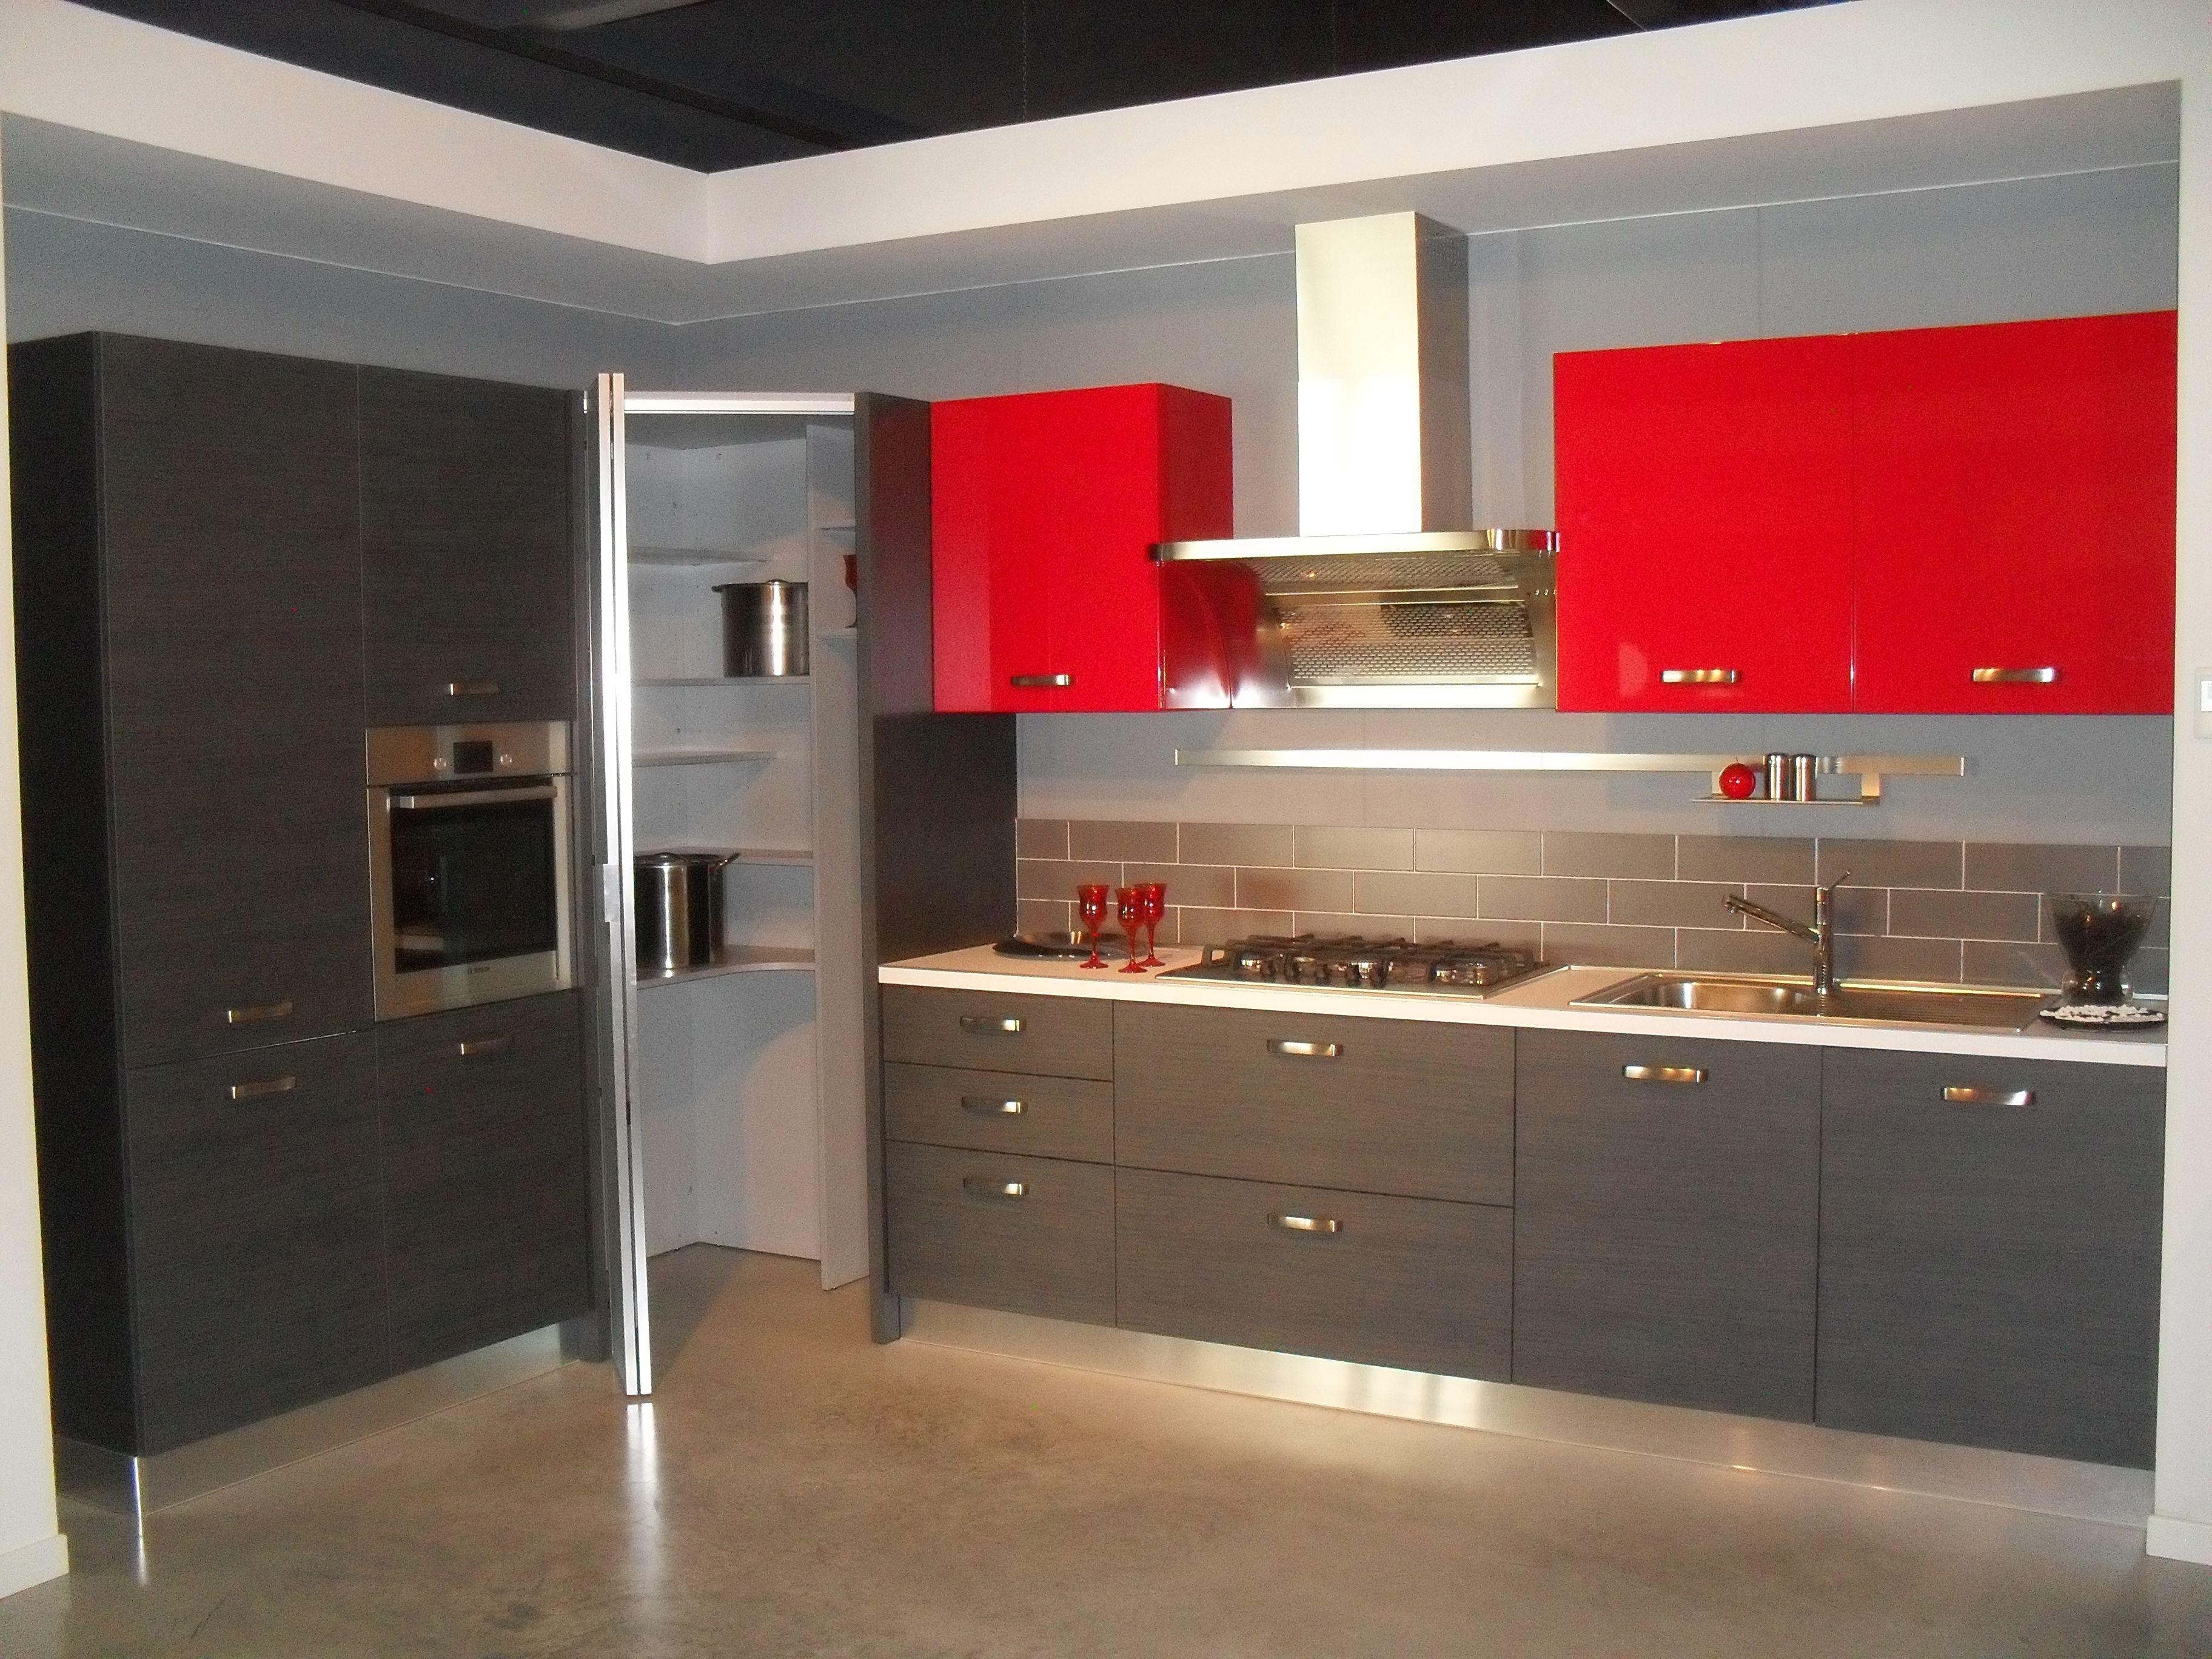 Risultati immagini per cucina moderna con dispensa ad angolo ...